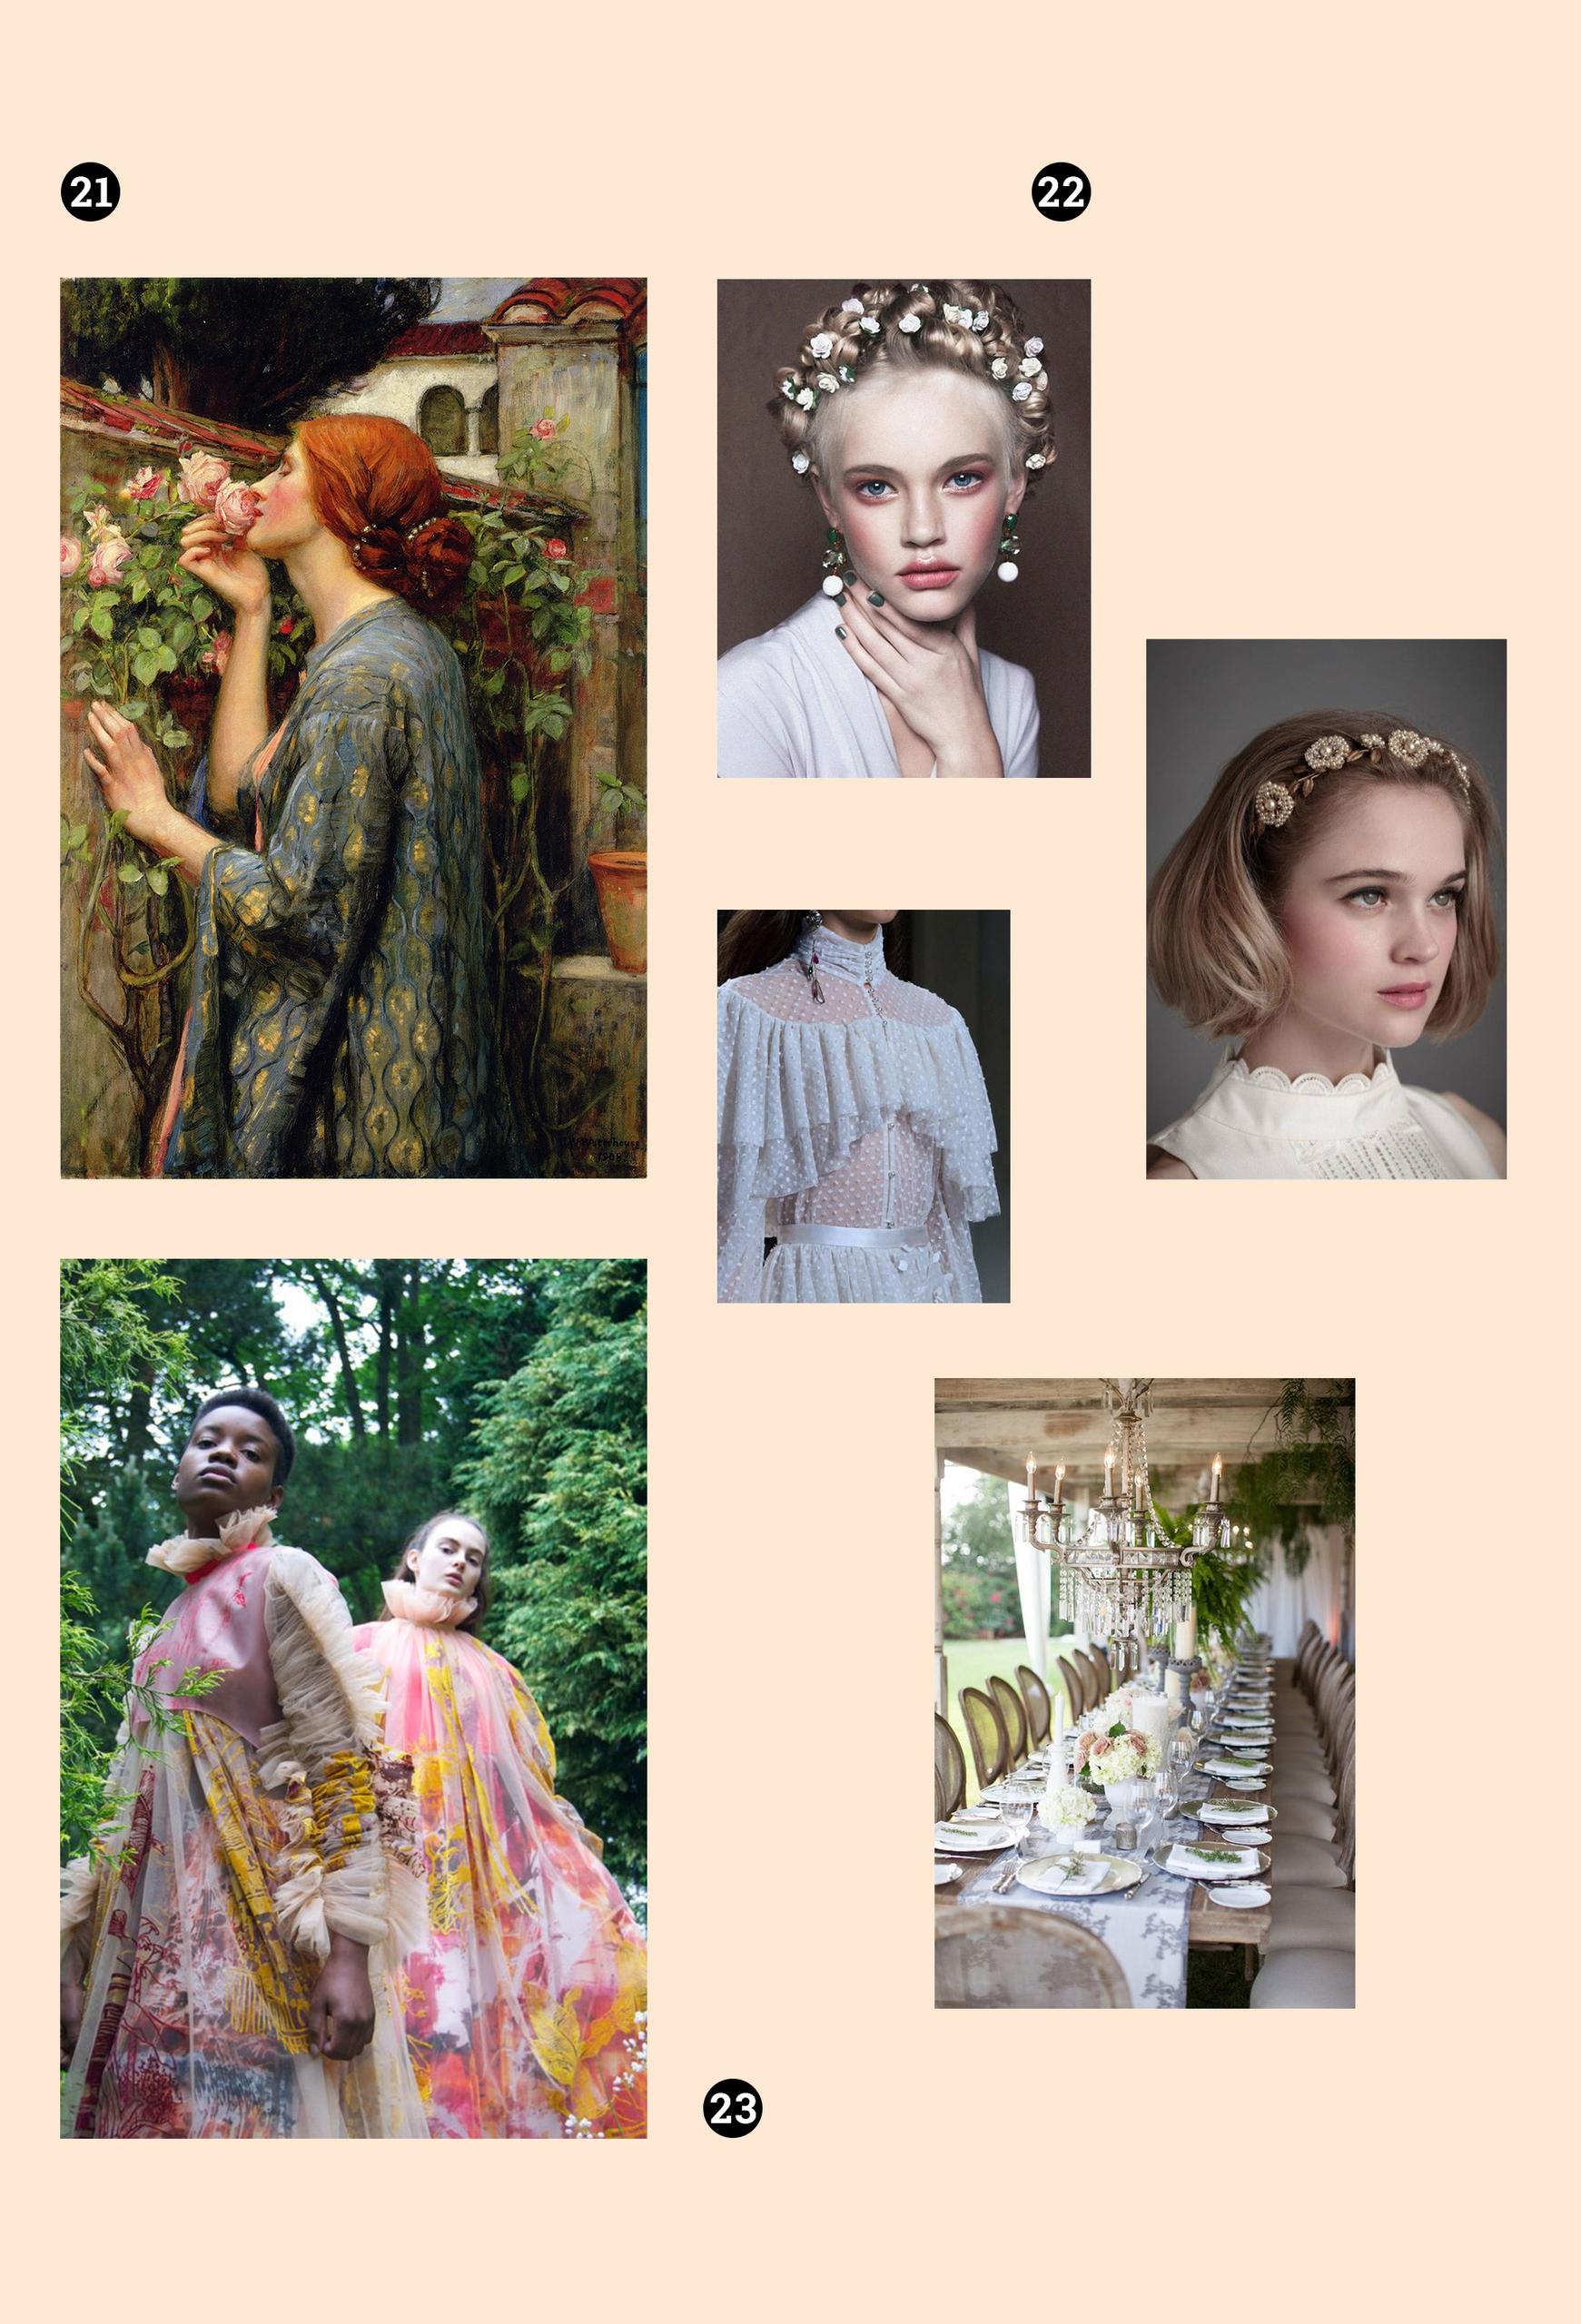 Obraz przedstawia sześć fotografii na jasnym tle. Zdjęcia przedstawiają kobiece sylwetki i portrety.